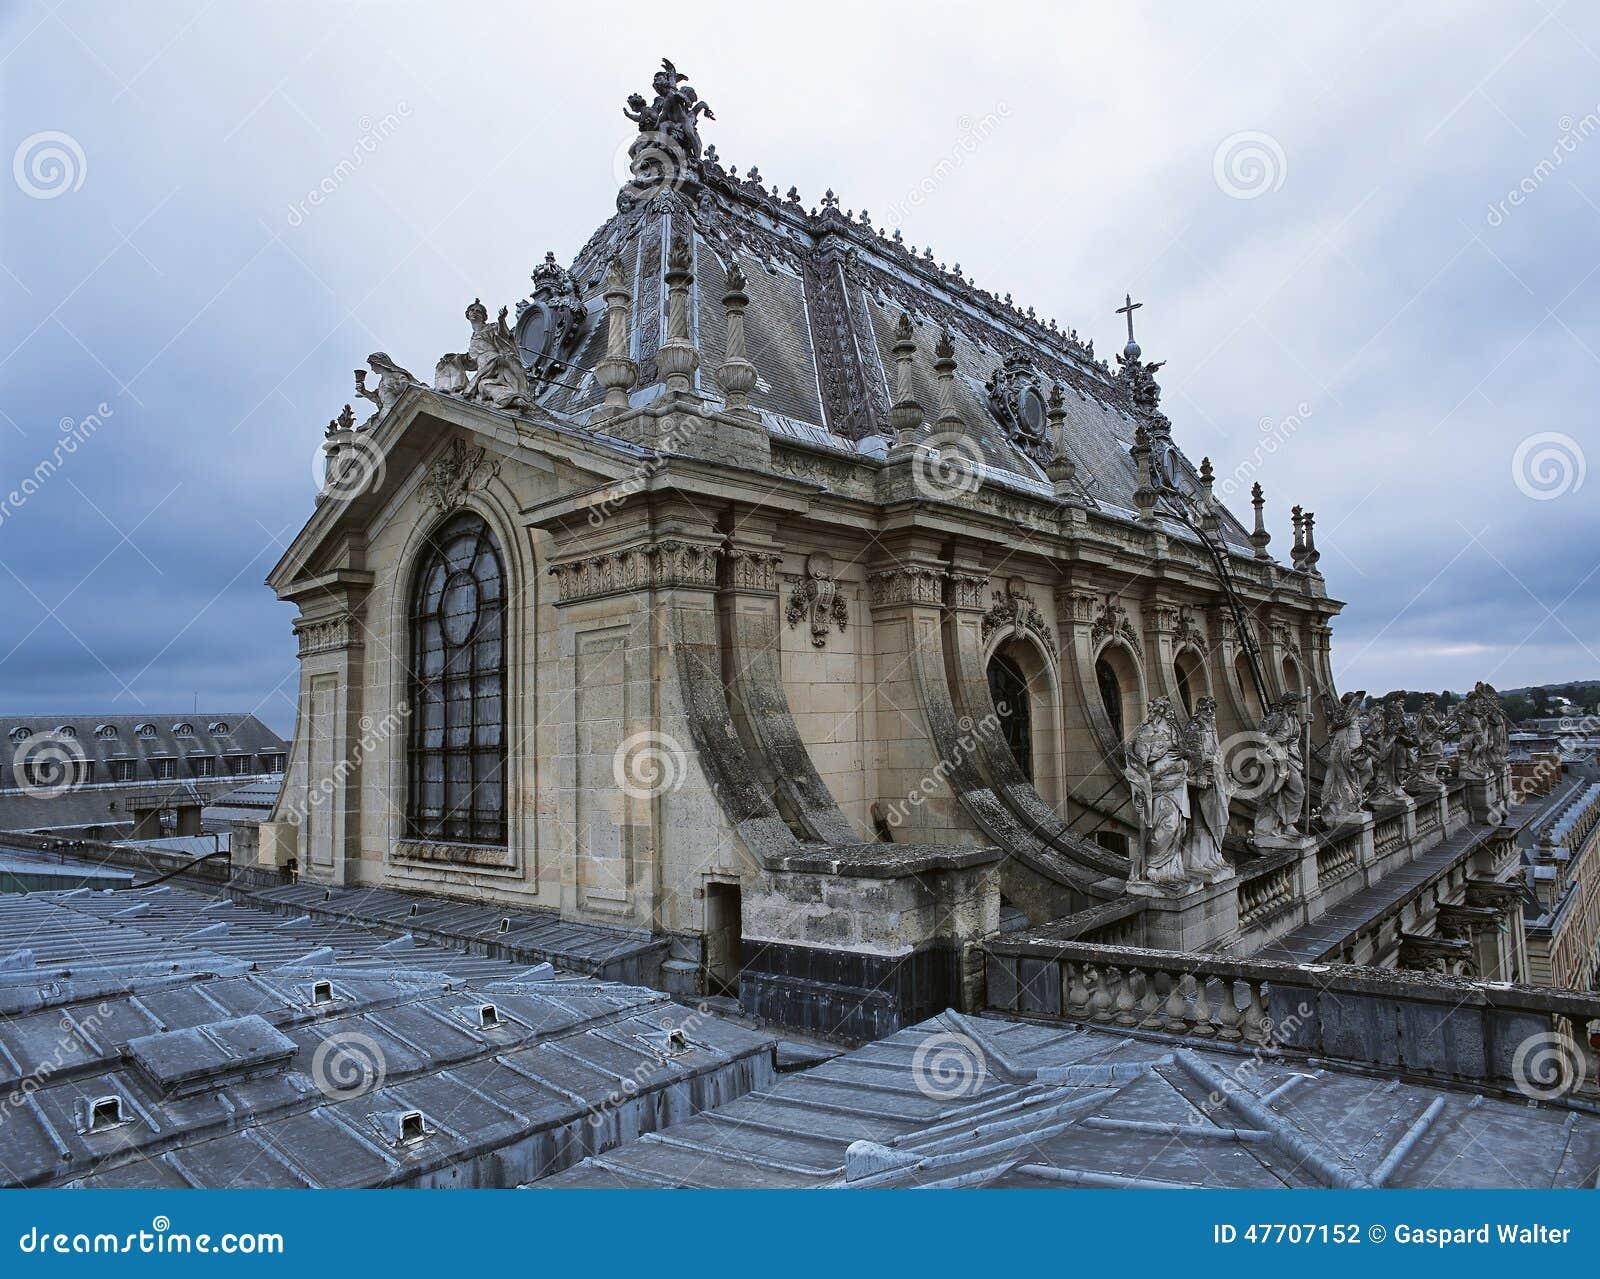 Telhe a vista da capela real no palácio de Versalhes